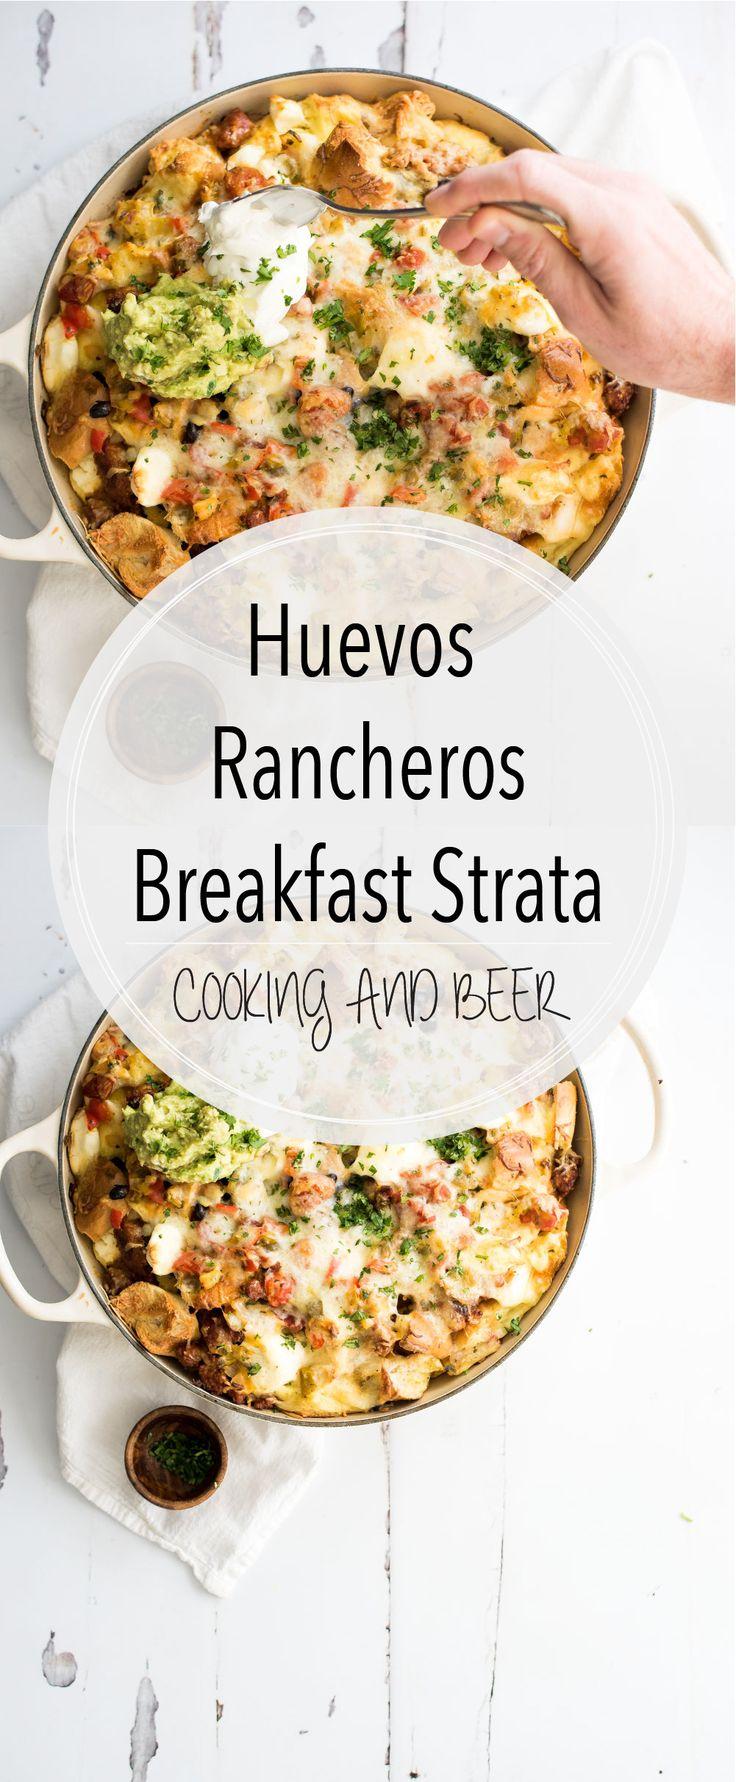 huevos rancheros breakfast strata breakfast stratabreakfast clubbreakfast recipesbrunch - Strata Recipes For Brunch